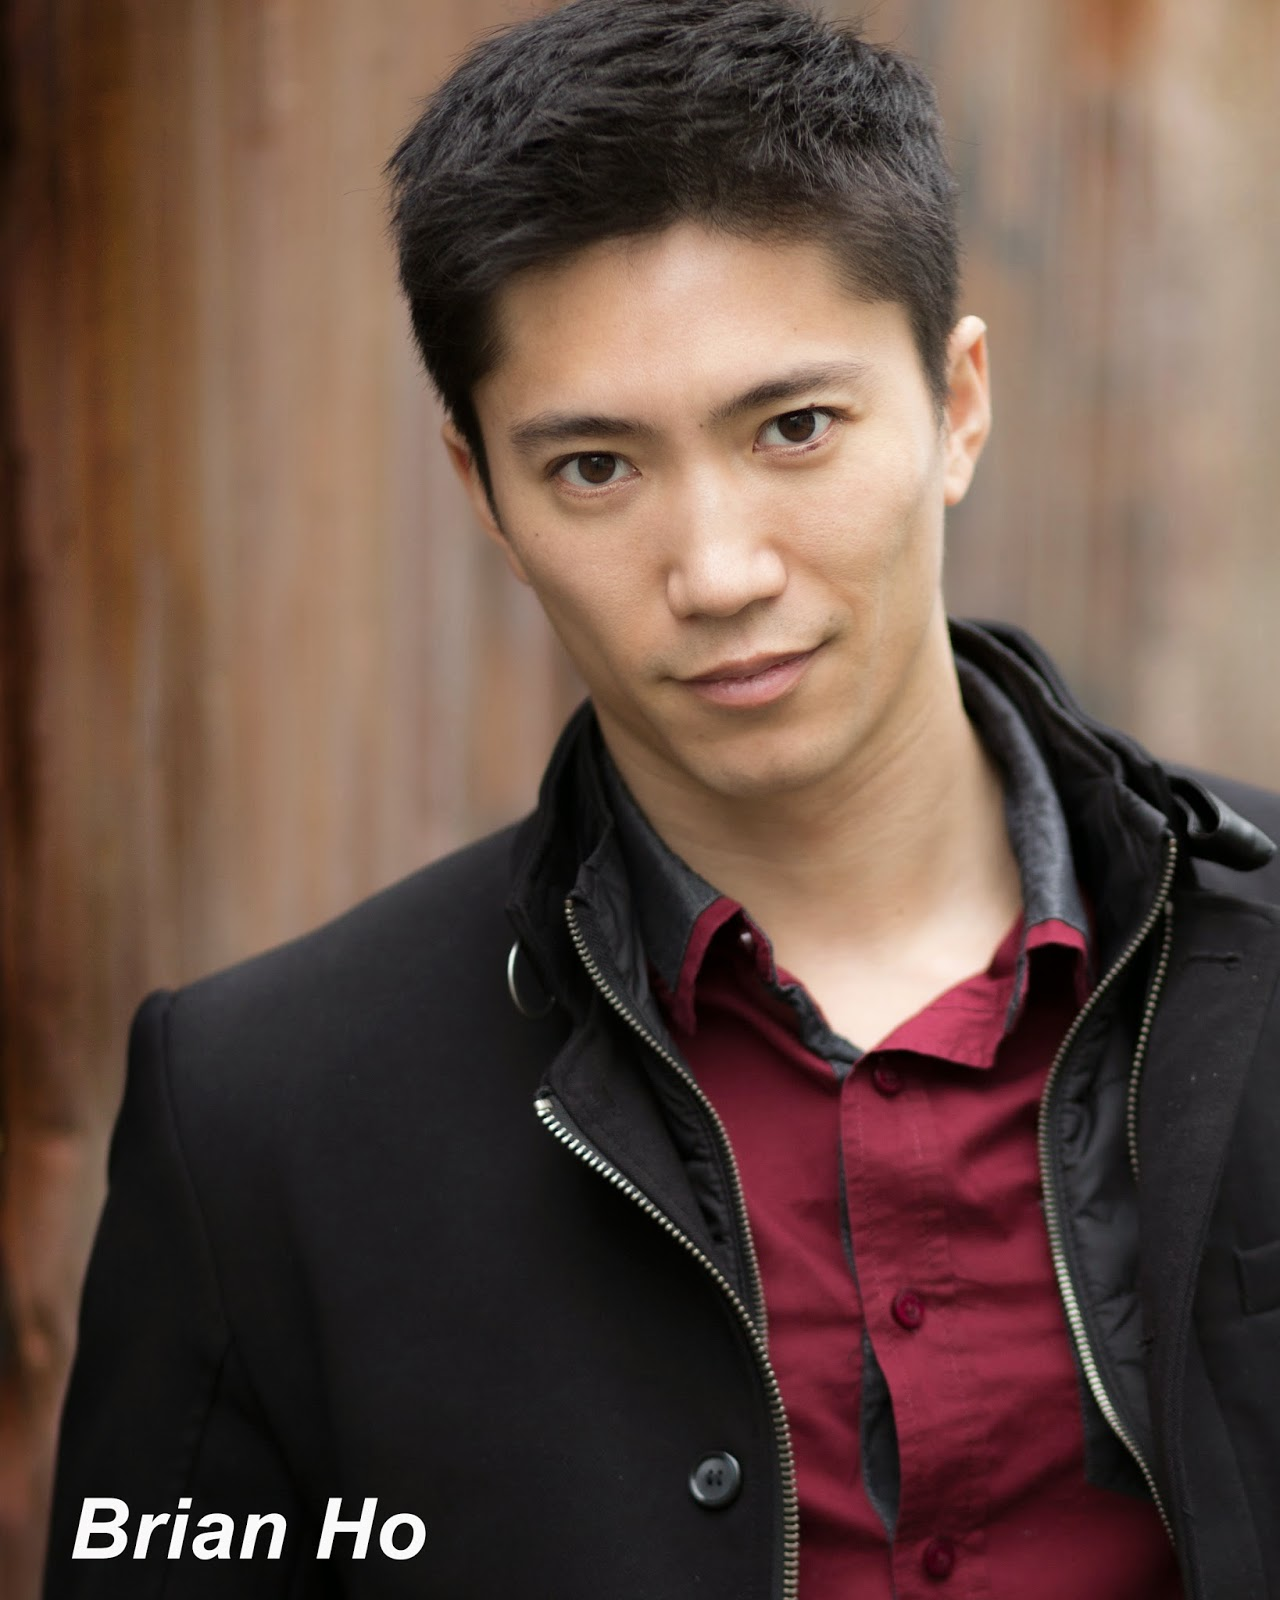 Brian Ho